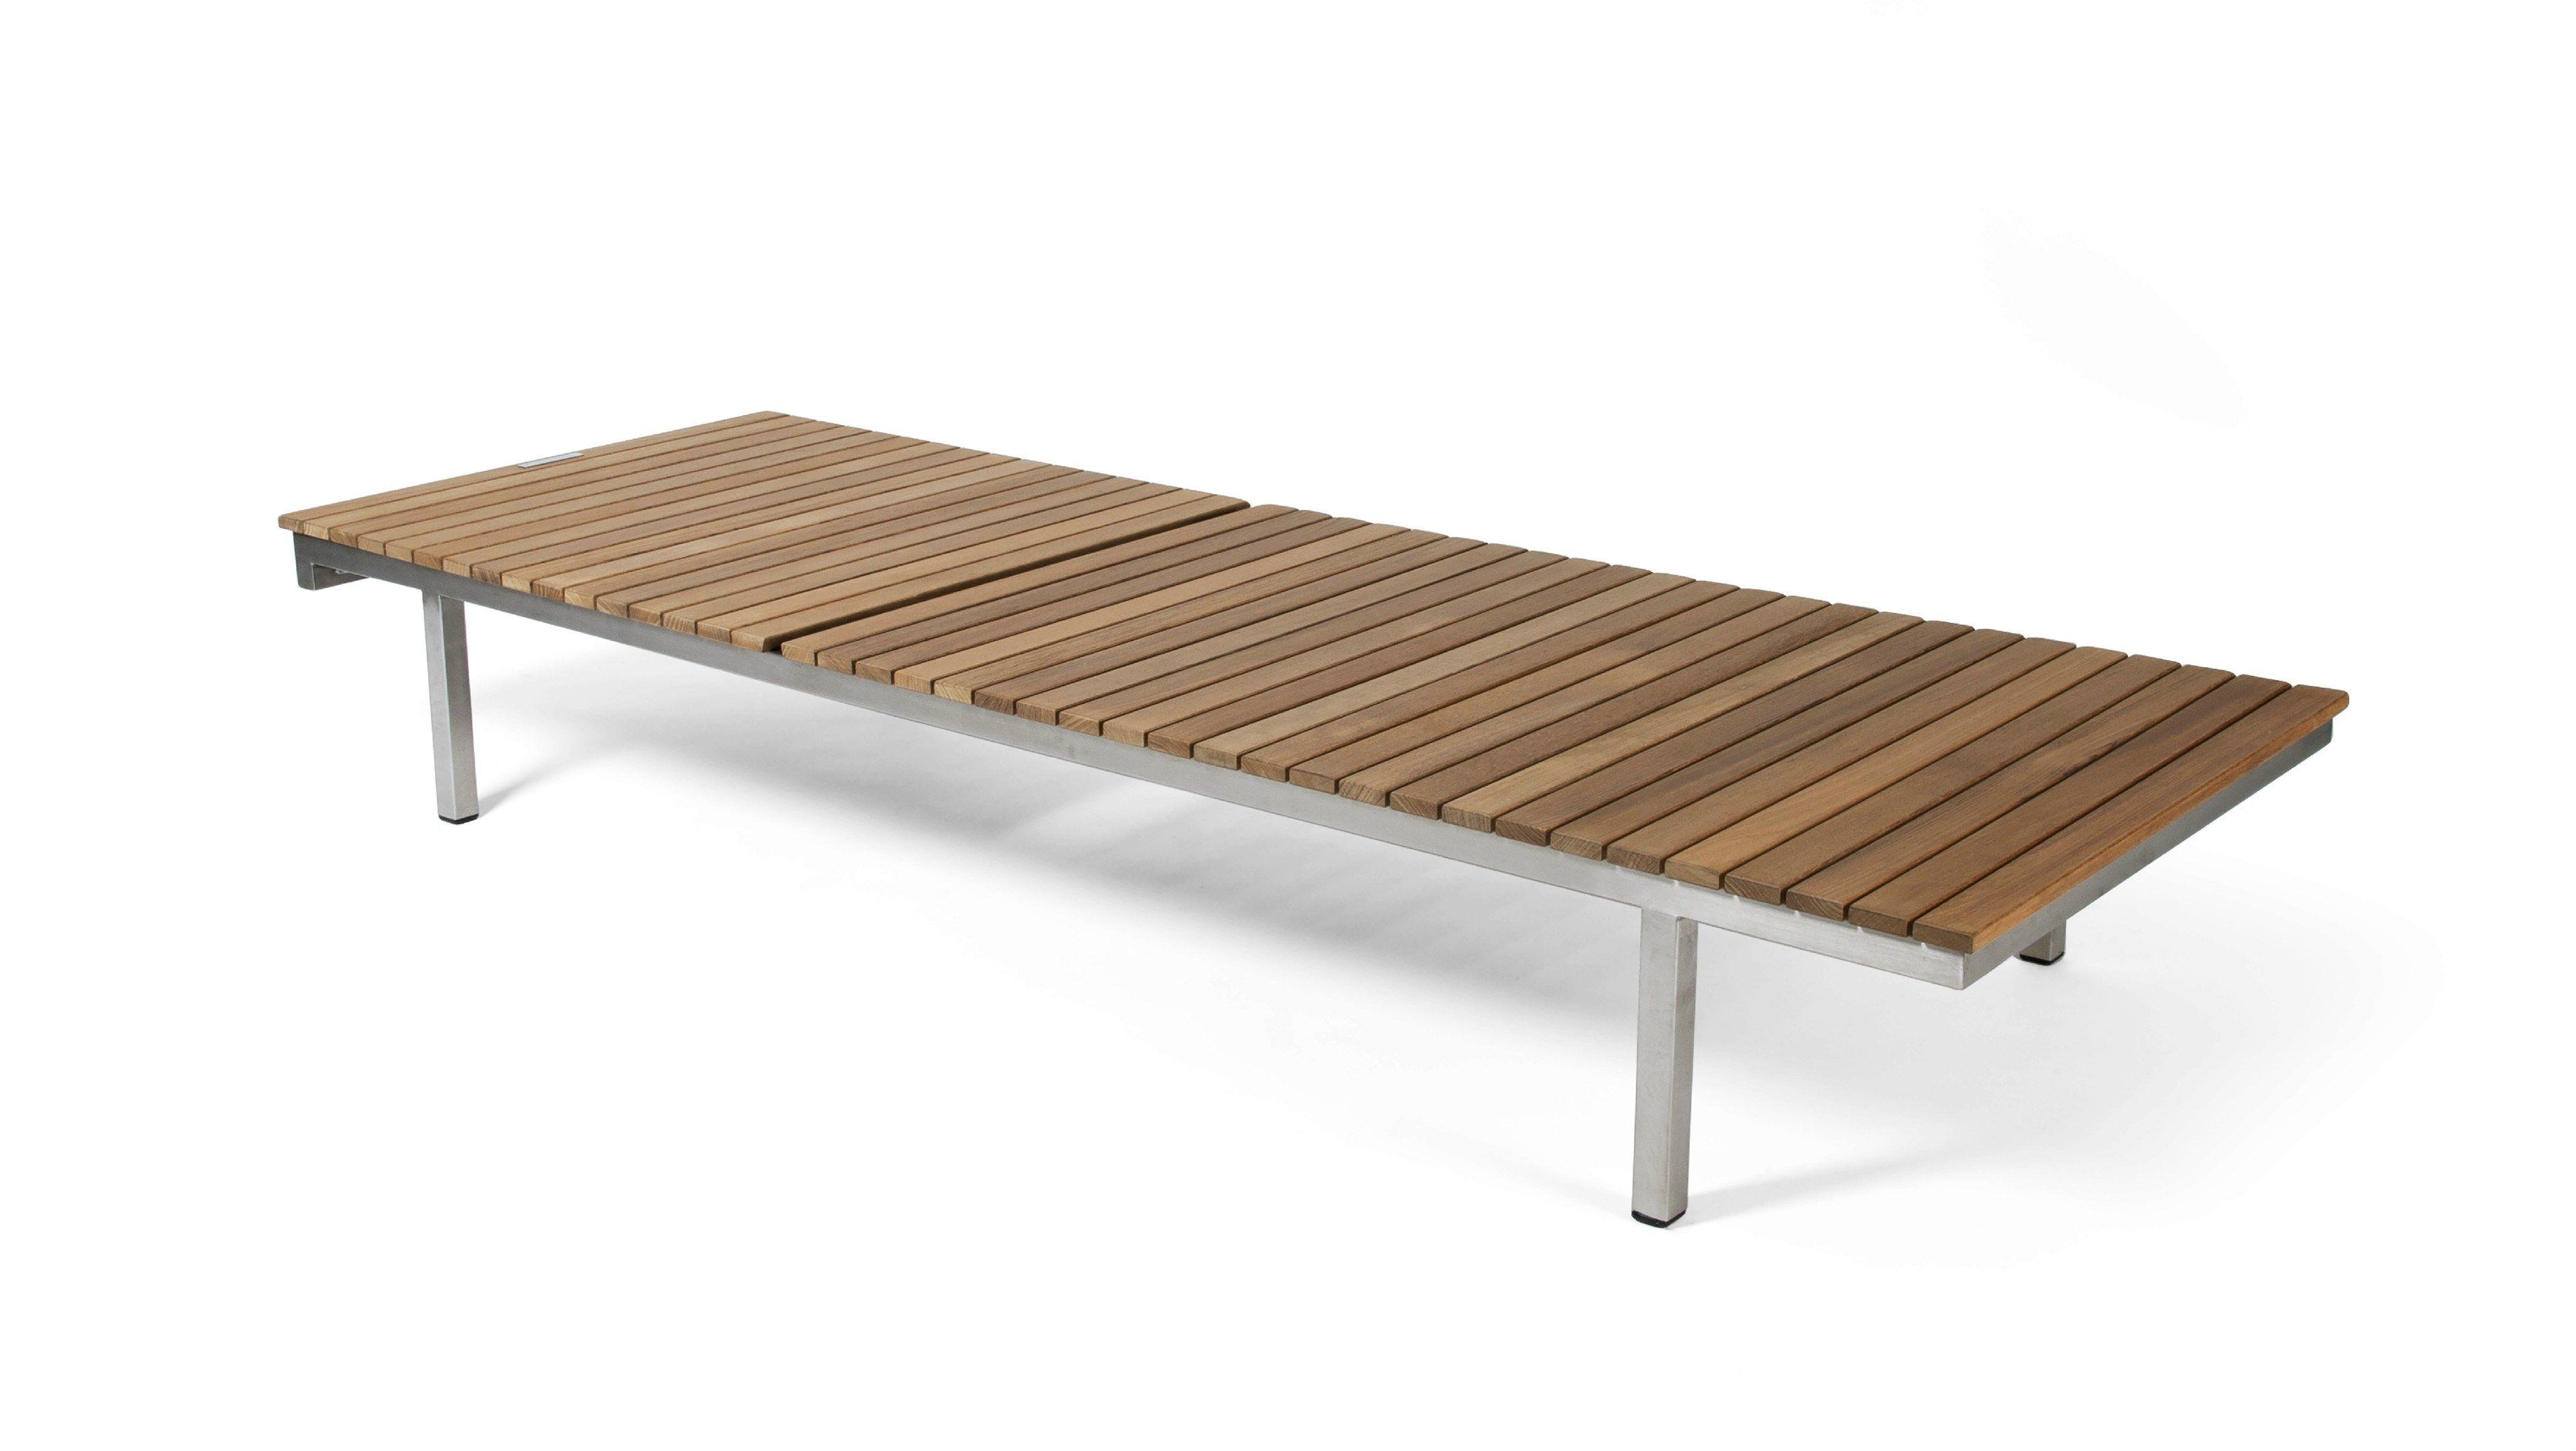 Teak garden daybed häringe häringe collection by skargaarden design carl jägnefelt teak furniture modern